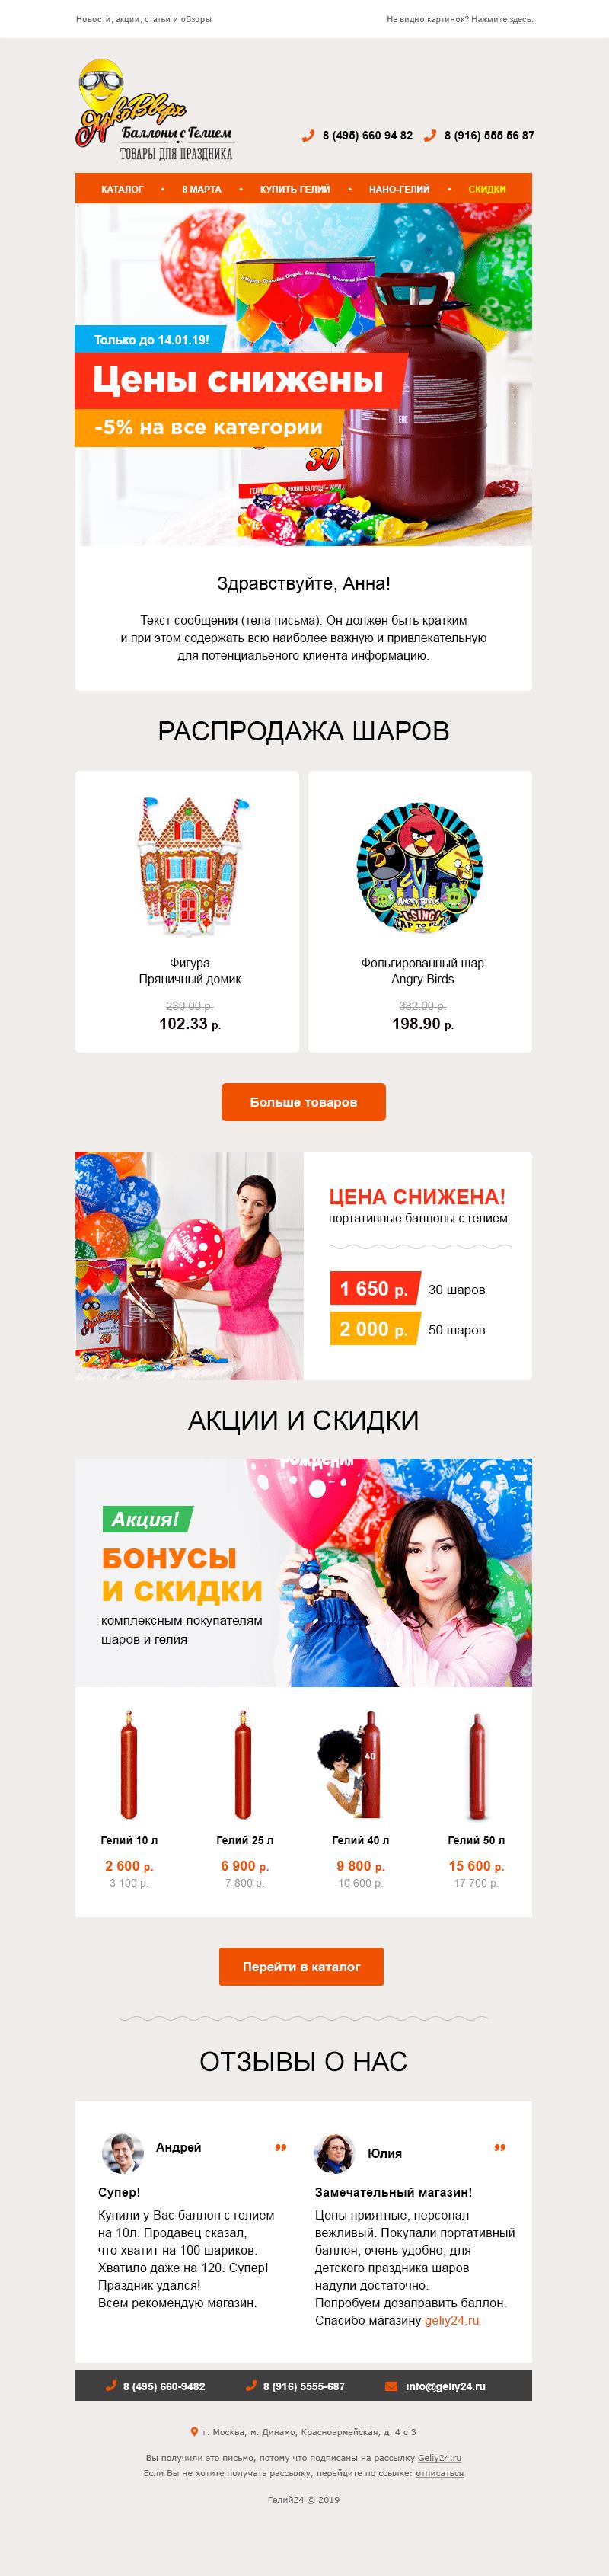 Письмо с товарами и акциями от интернет-магазина воздушных шаров: